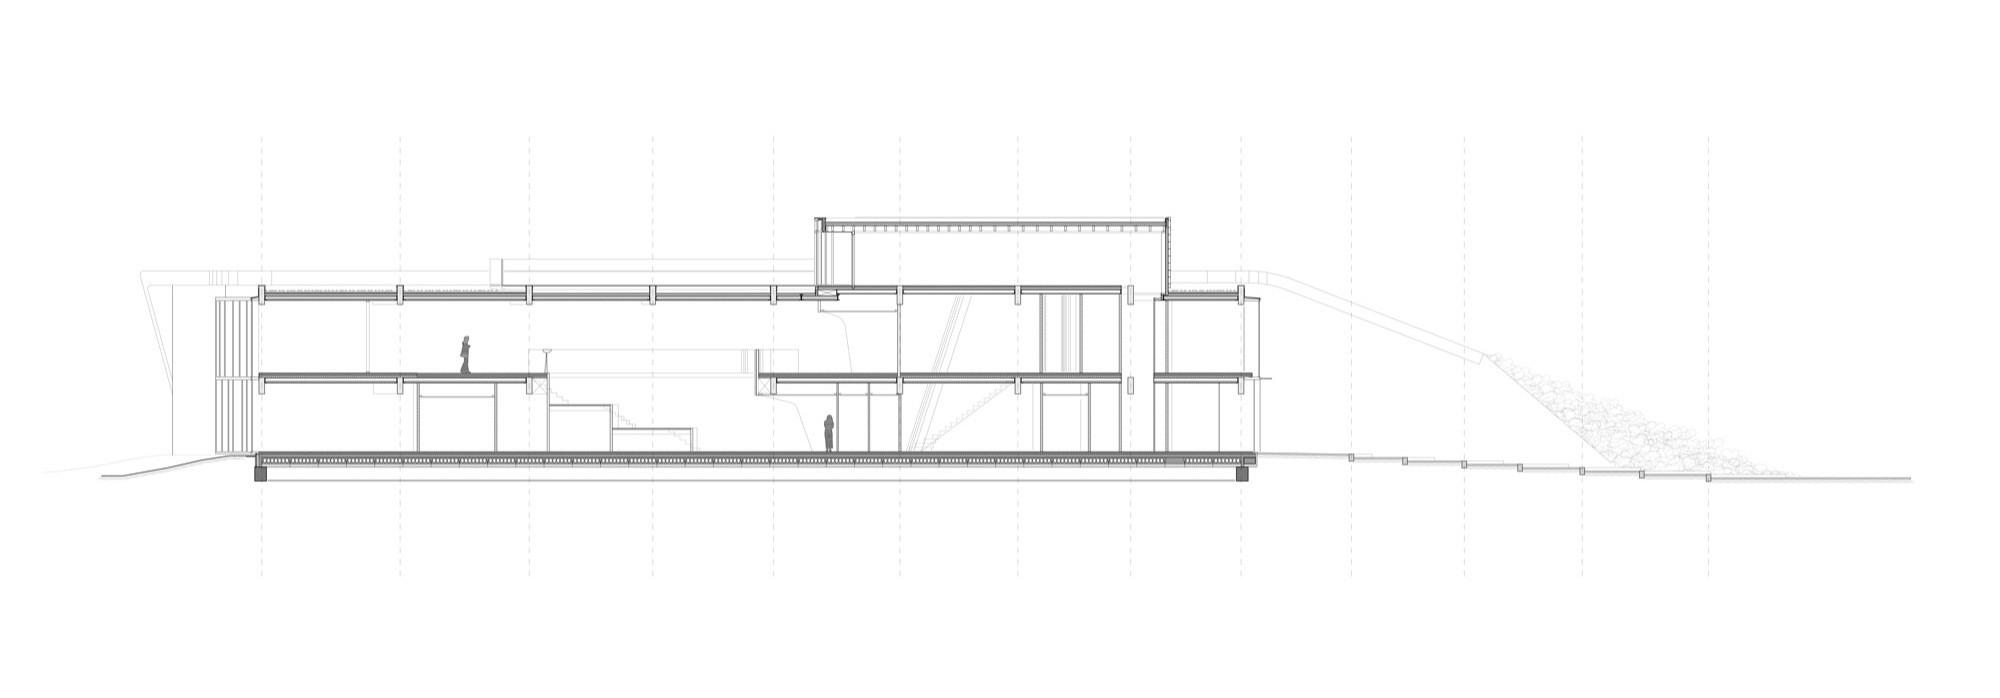 Corte 1 © 24H Architecture